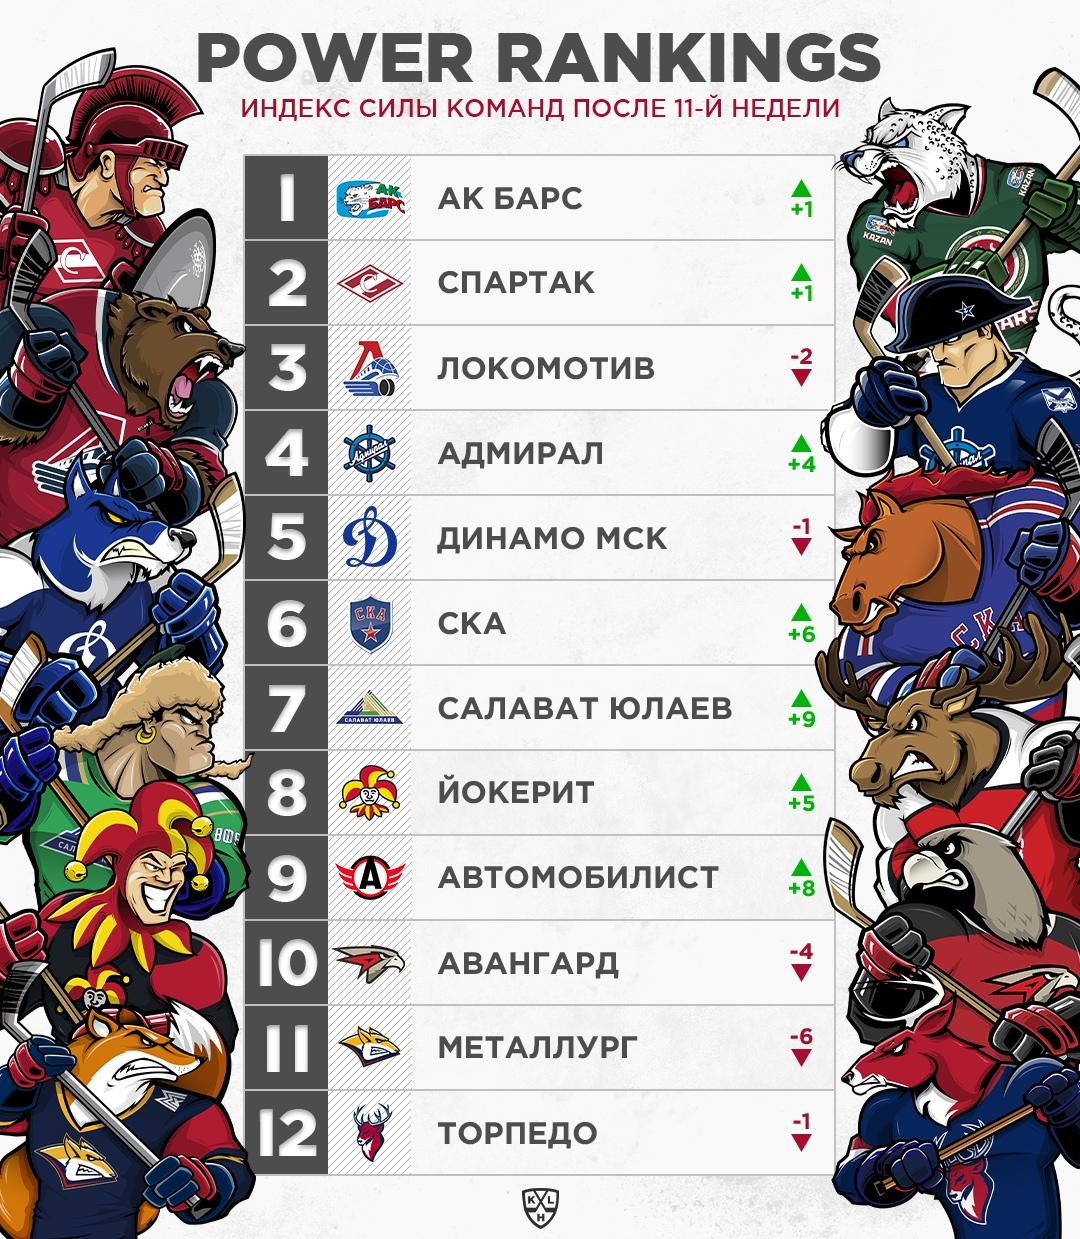 «Спартак» – второй в Индексе Силы КХЛ